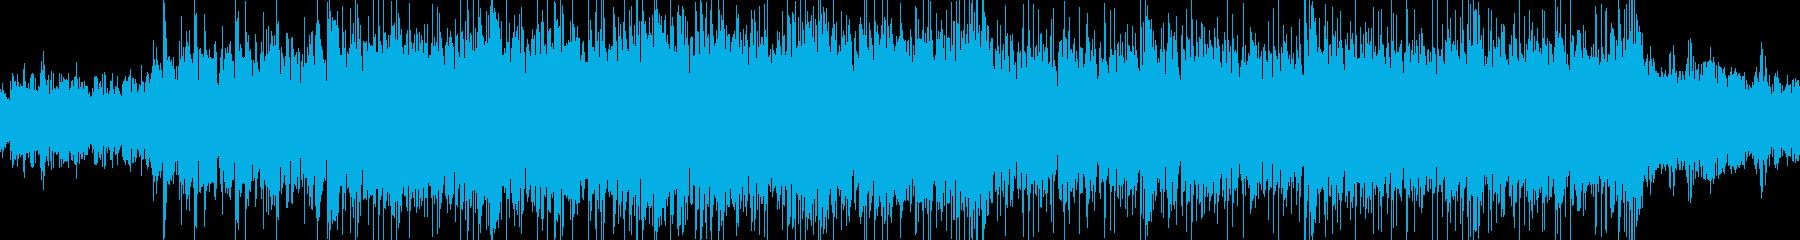 神秘的なループBGMの再生済みの波形